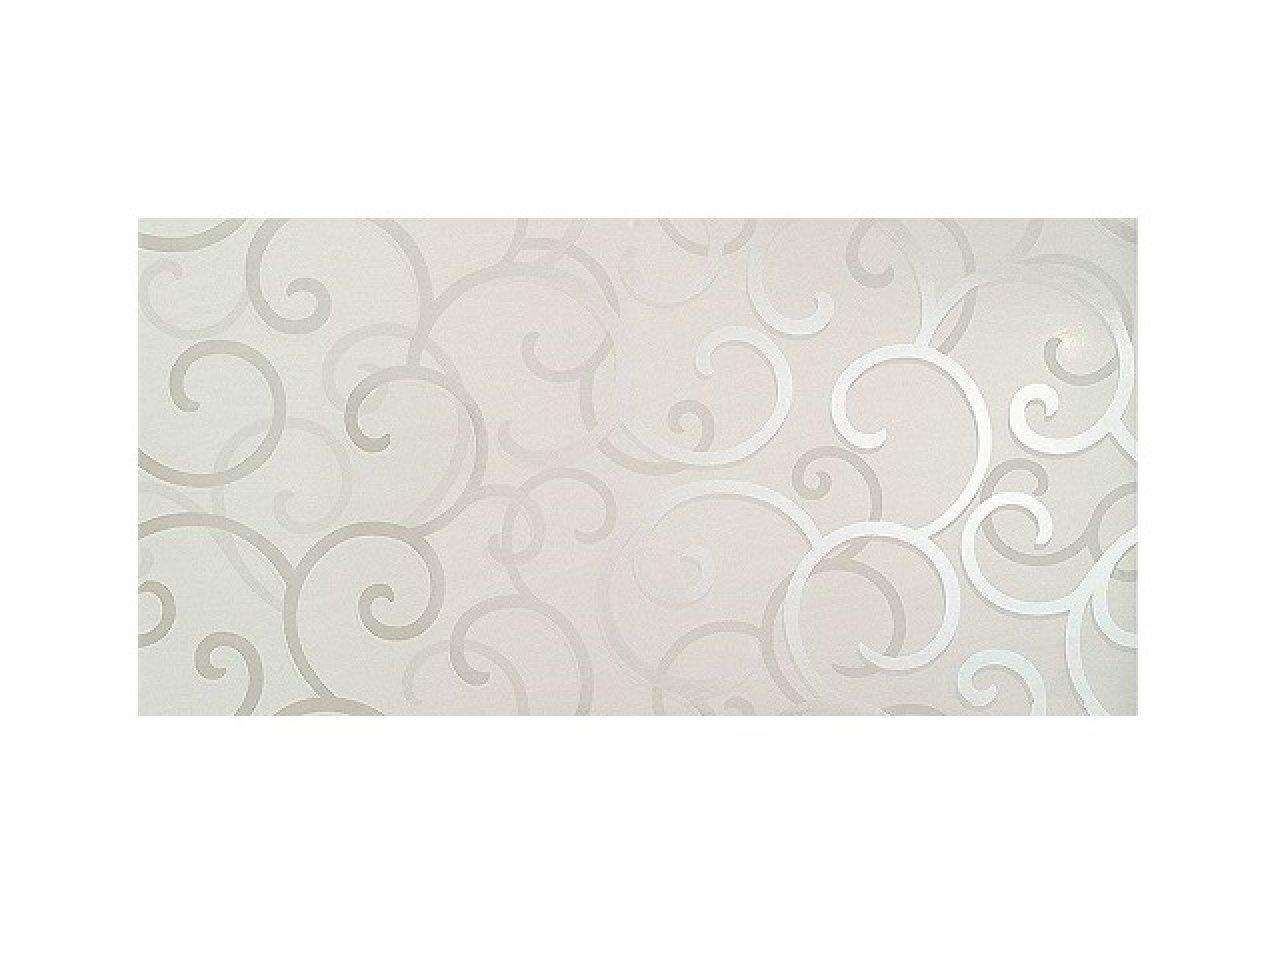 Настенная плитка Magnifique Aurora Charme 40x80